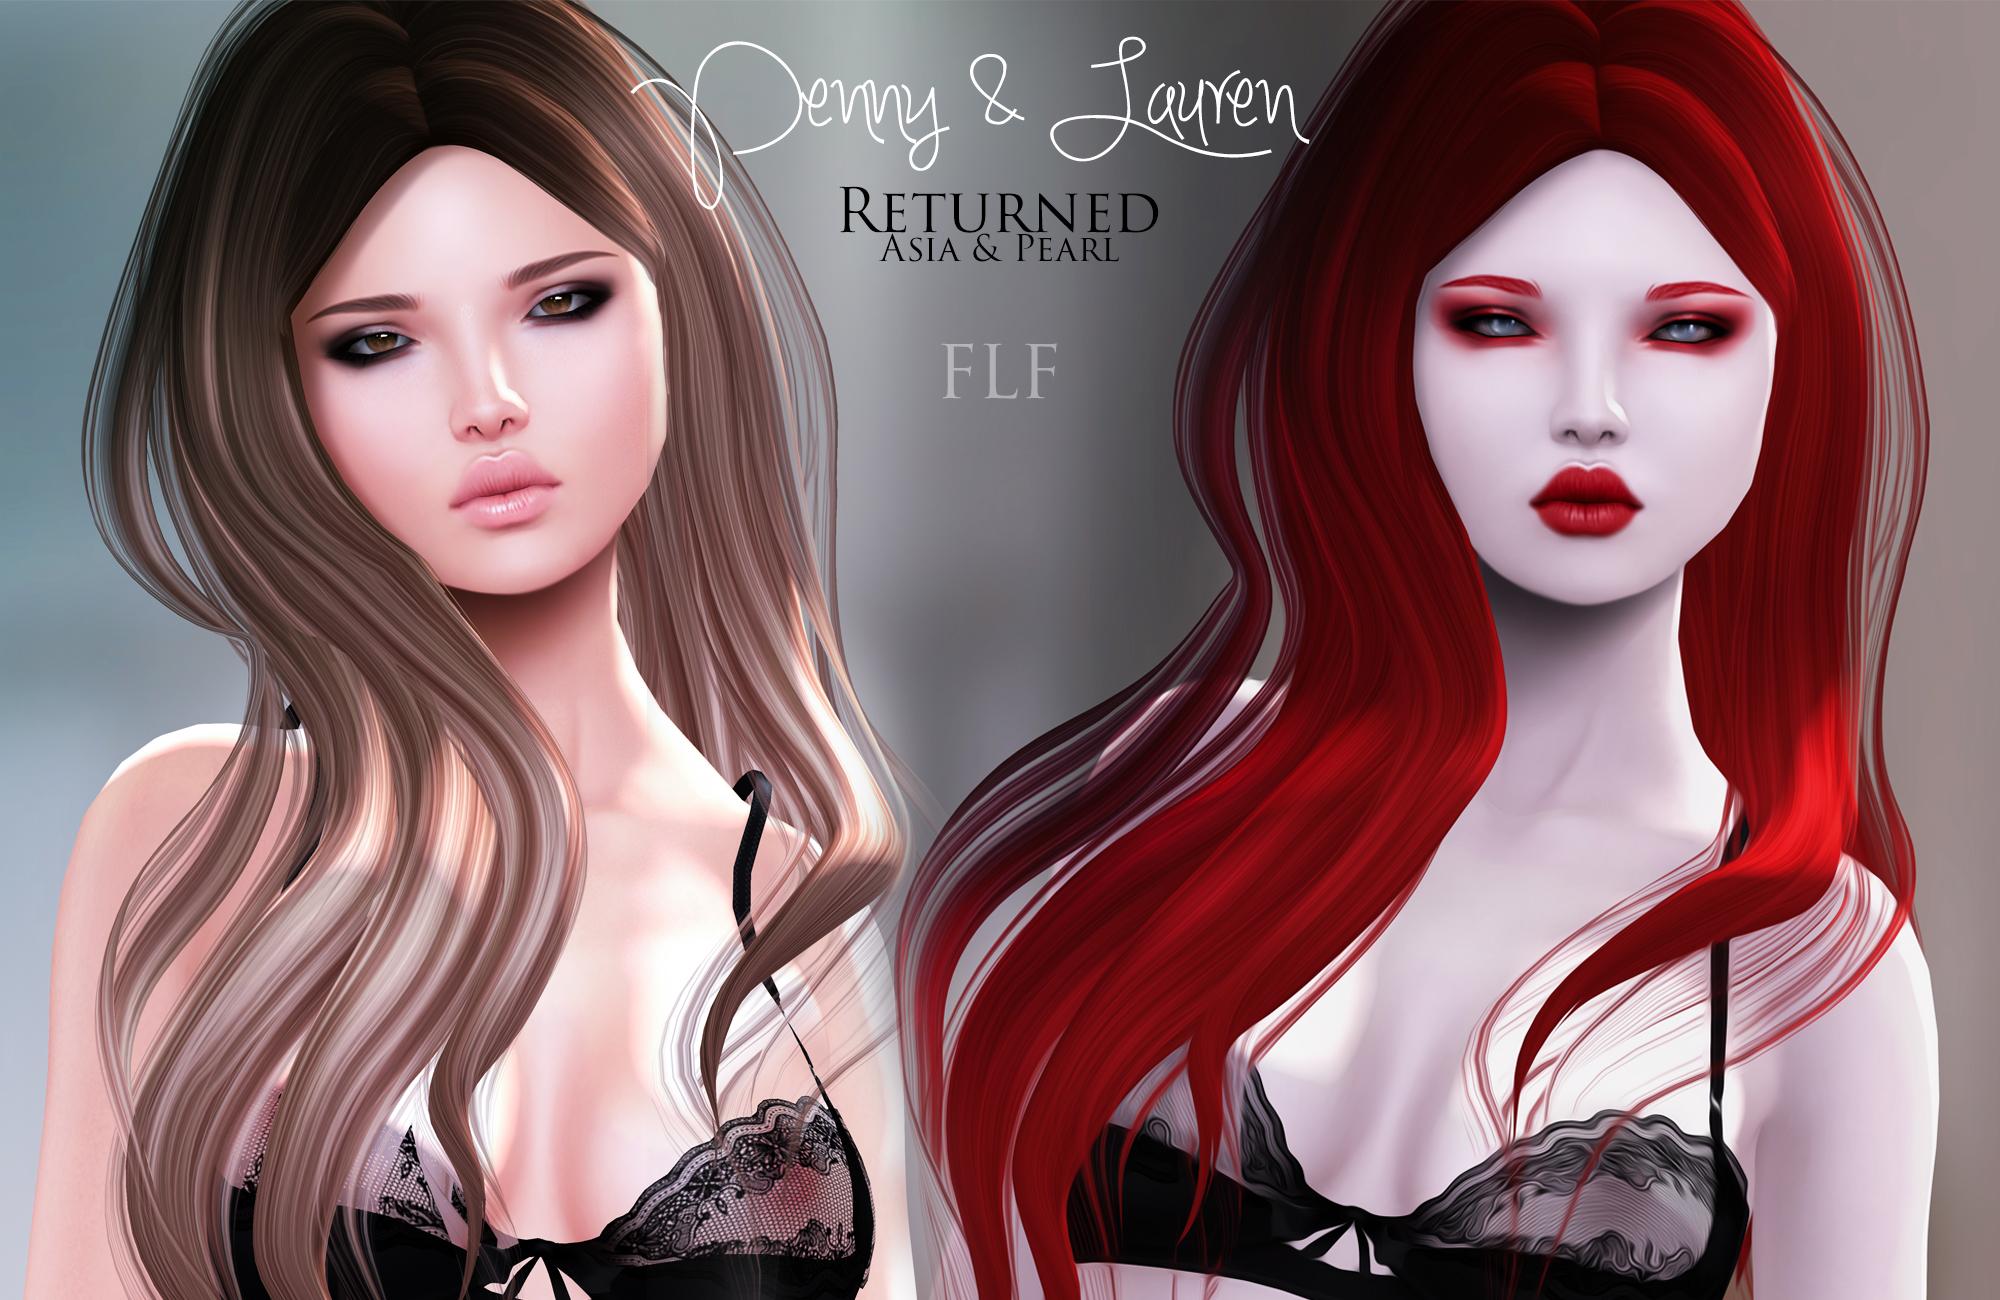 Glam Affair - Penny & Lauren - Returned ( FLF )